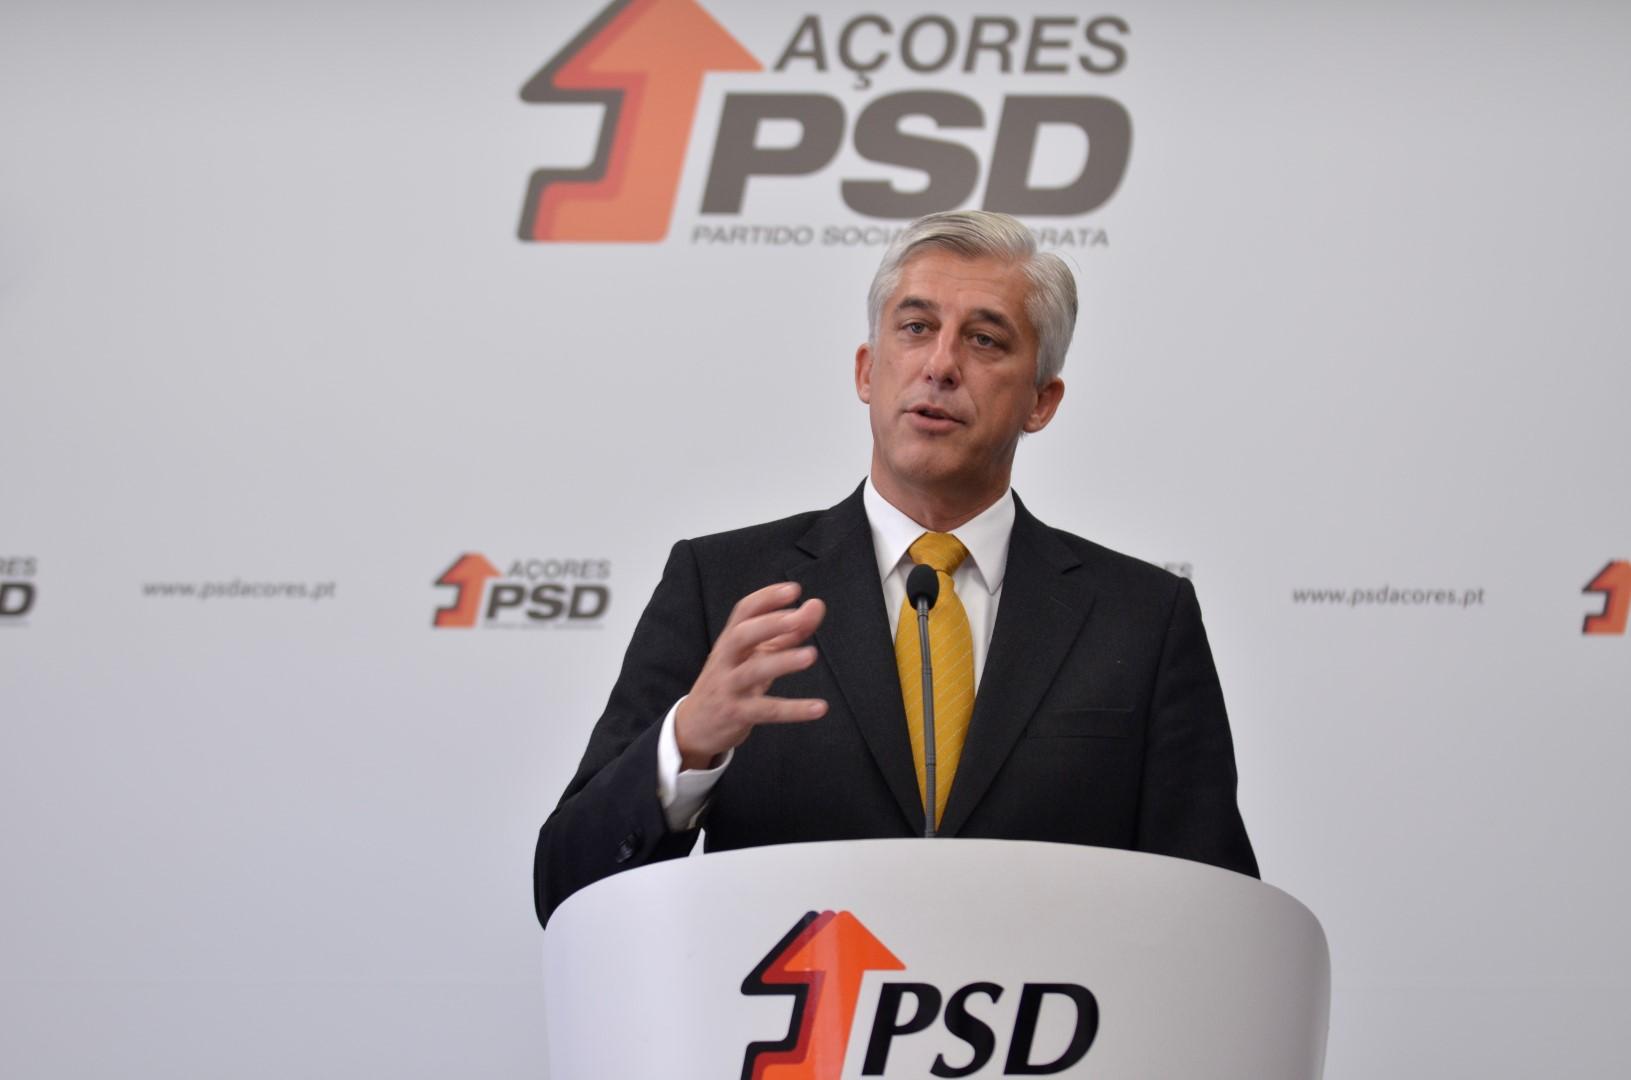 Duarte Freitas quer salvaguardar postos de trabalho e rede de balcões do Banif